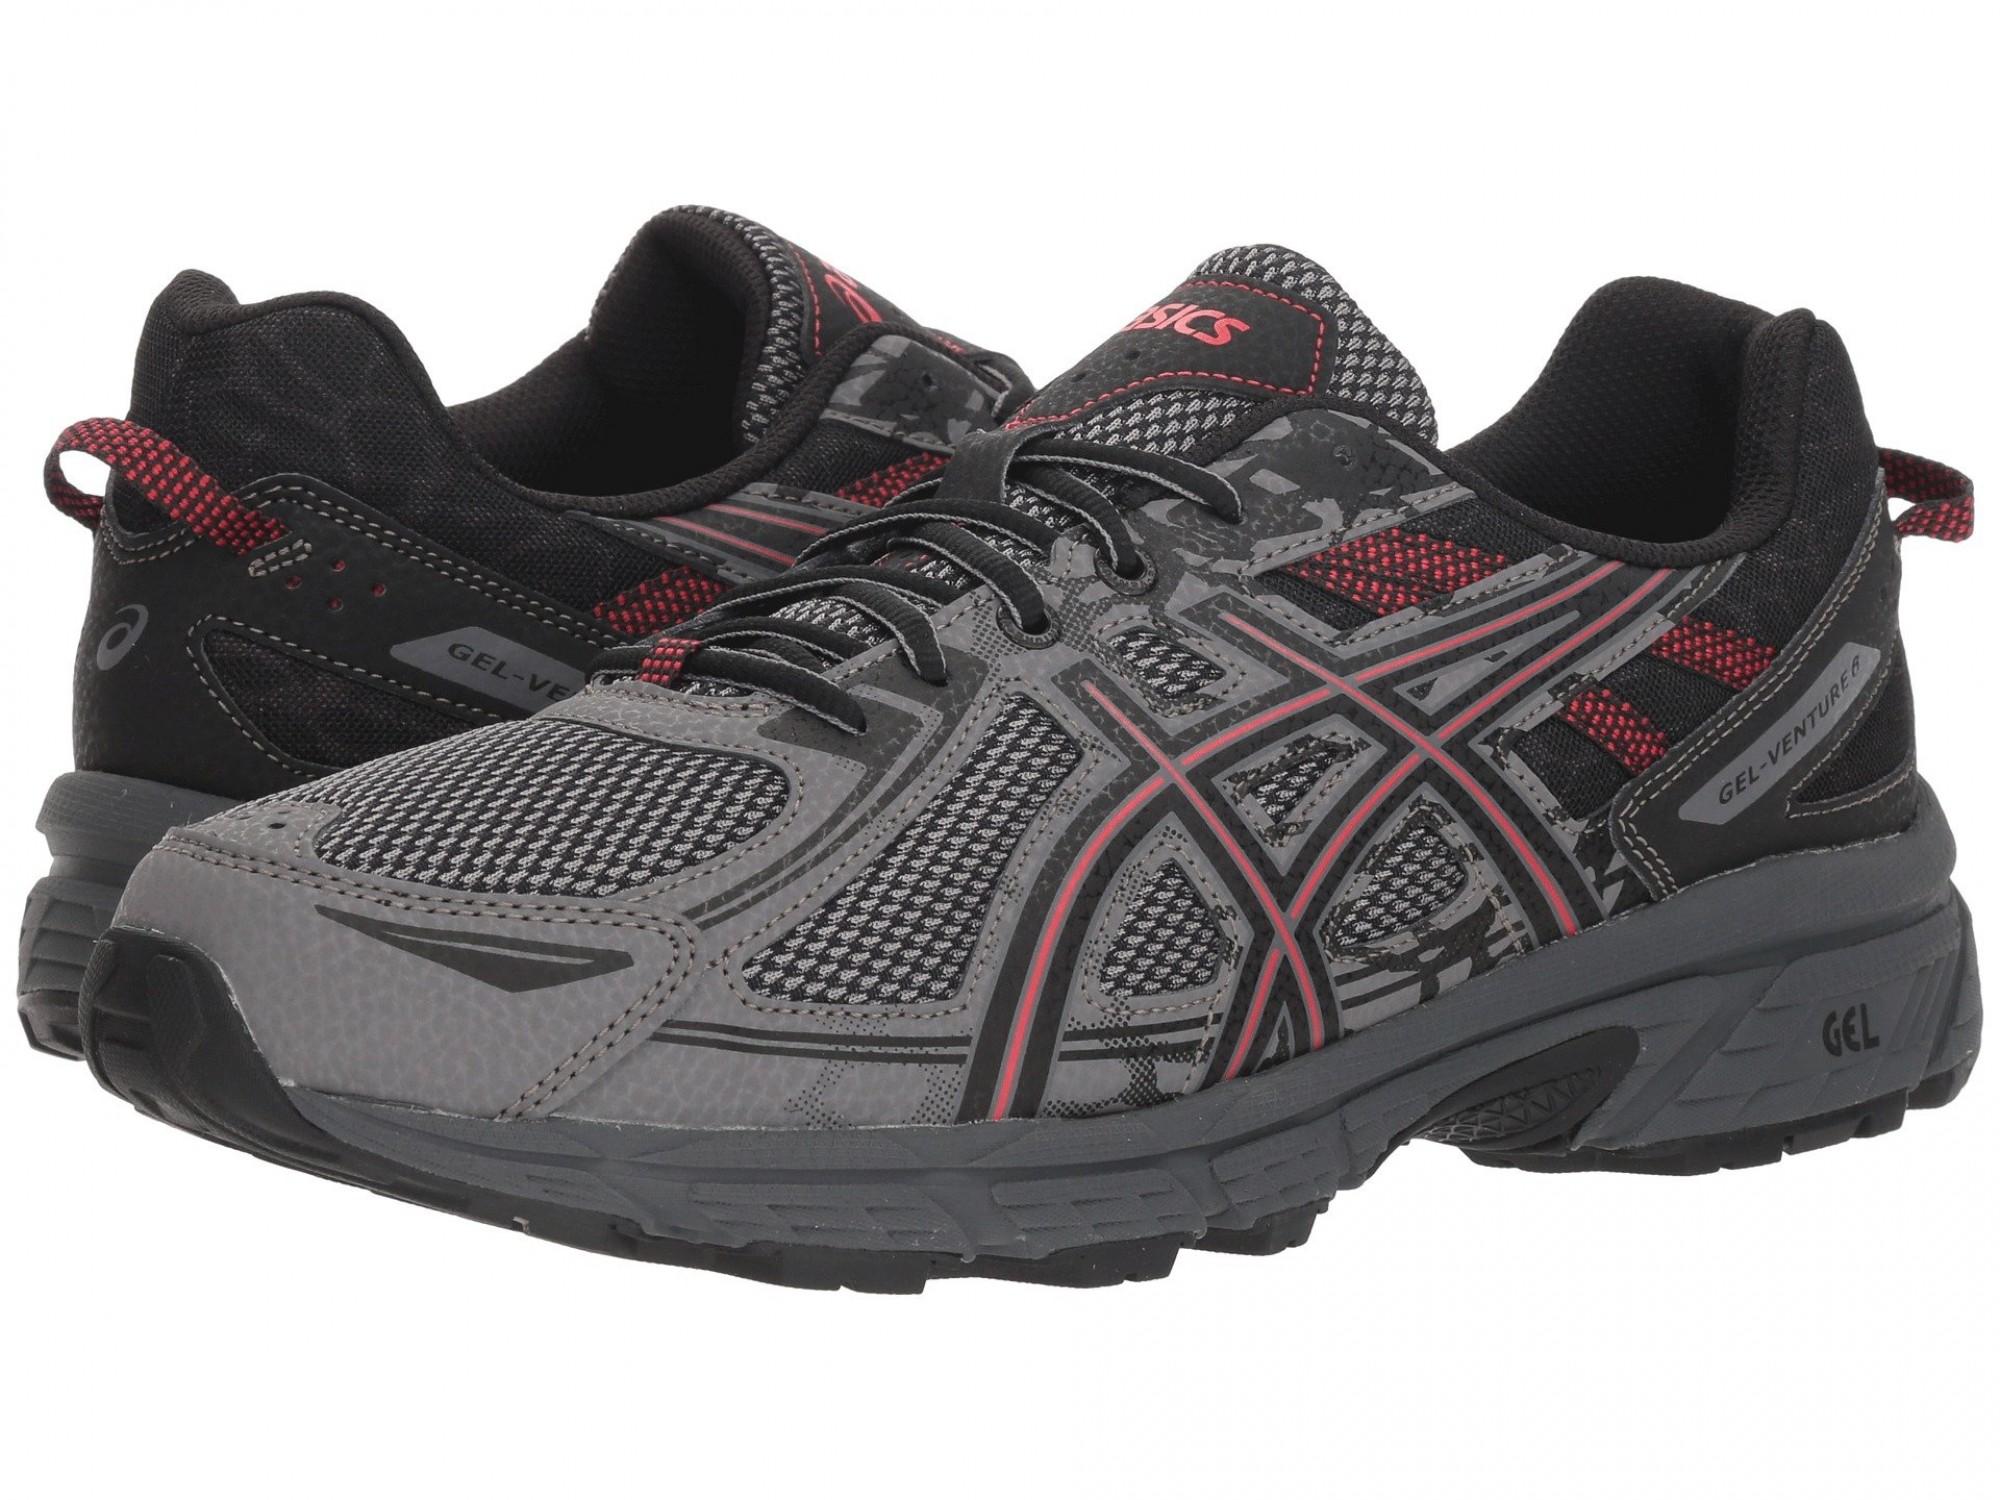 b1e3253a ASICS Gel-Venture® 6 Беговые кроссовки T7G1N-700 купить в Украине ...